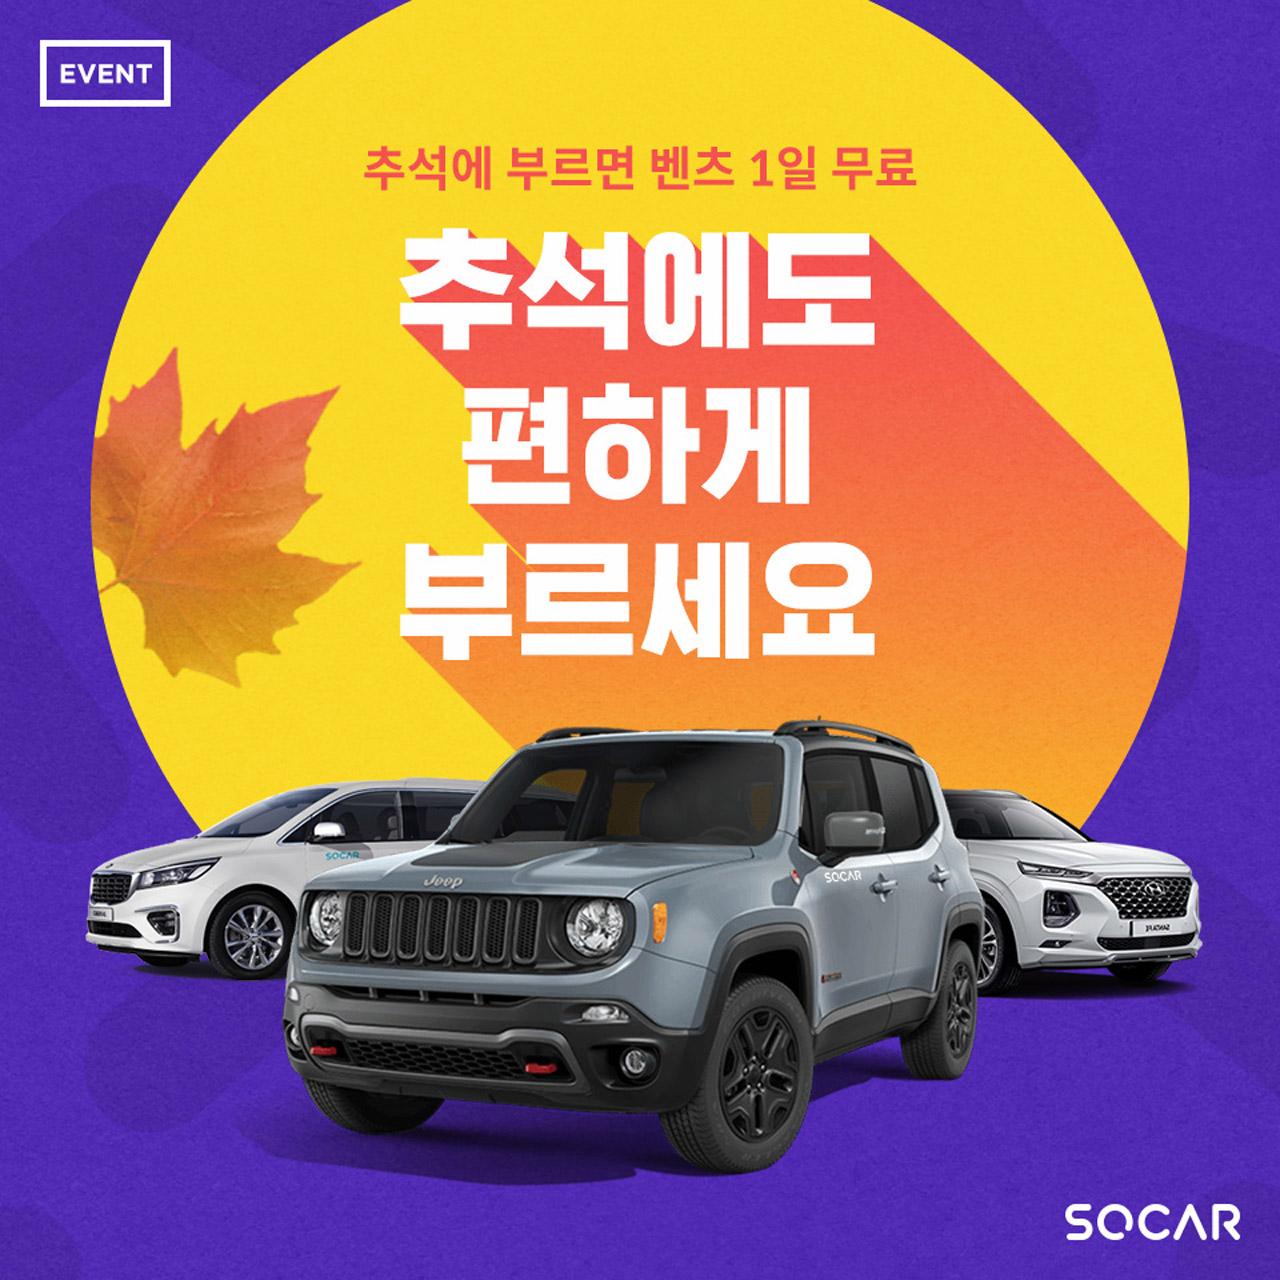 [쏘카-이미지자료]쏘카(SOCAR), 추석 연휴 대비 차량 집중 점검 실시